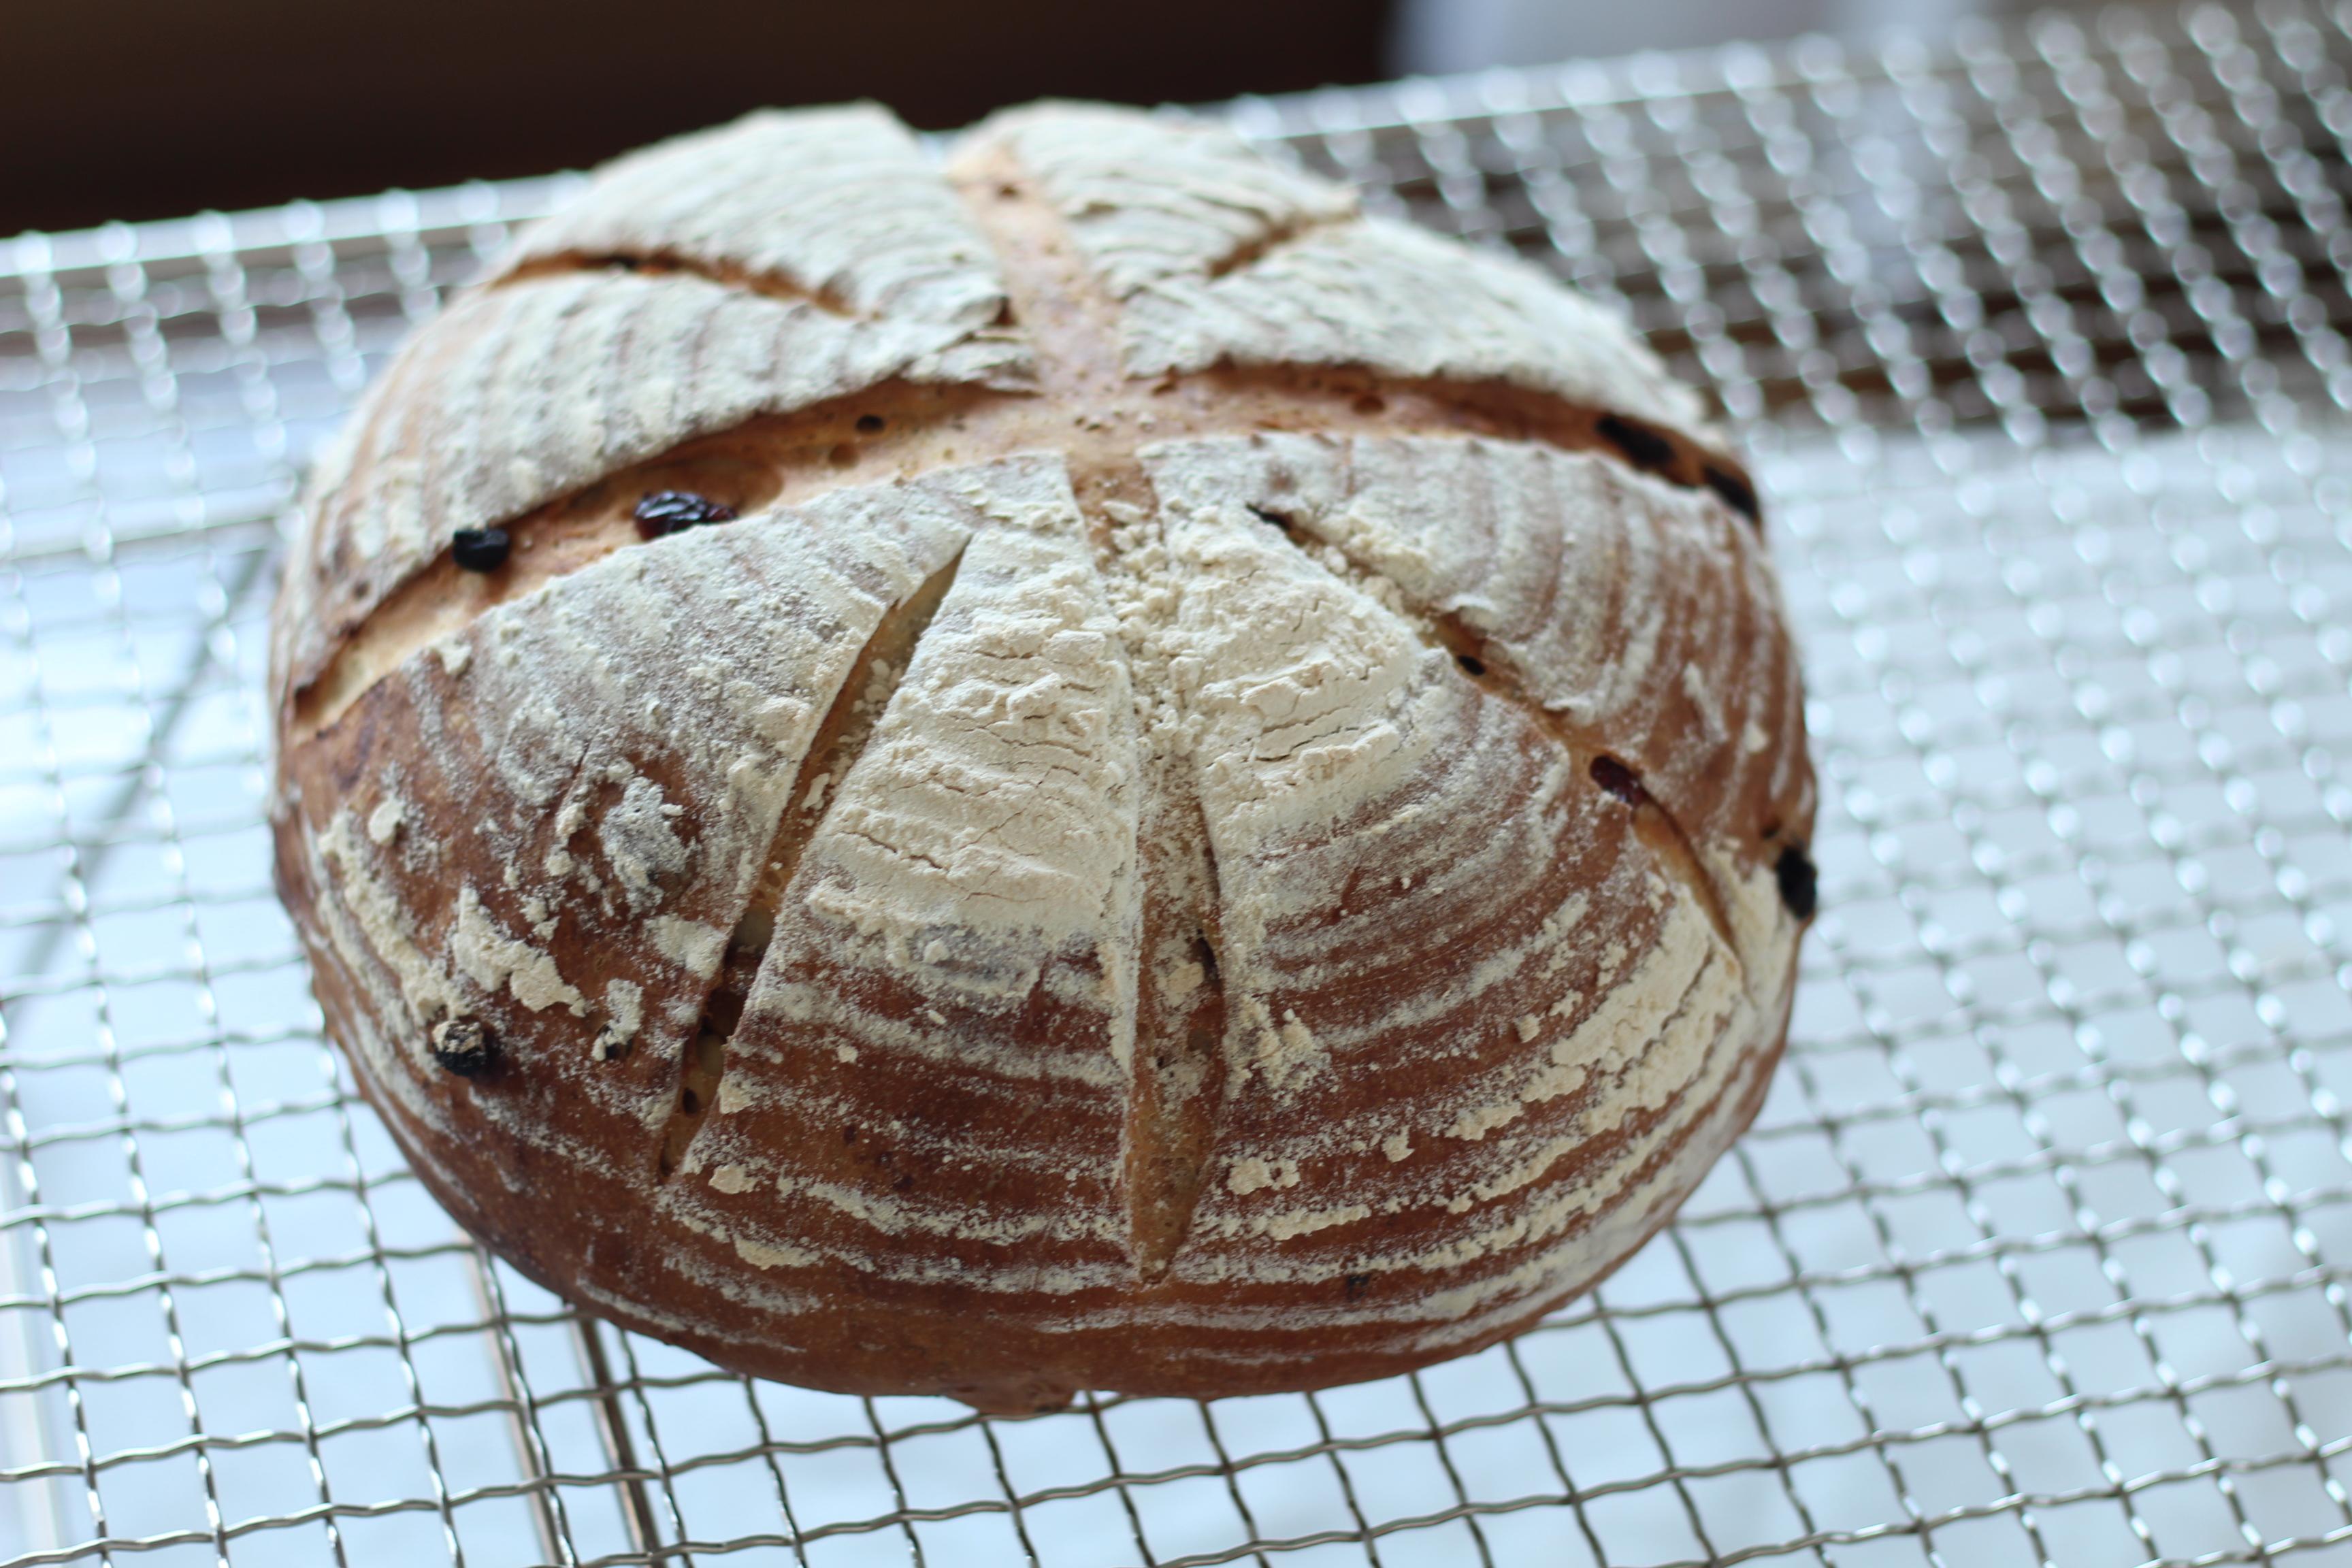 阿倍野区西田辺a-ta-sante糖質制限パン料理教室。